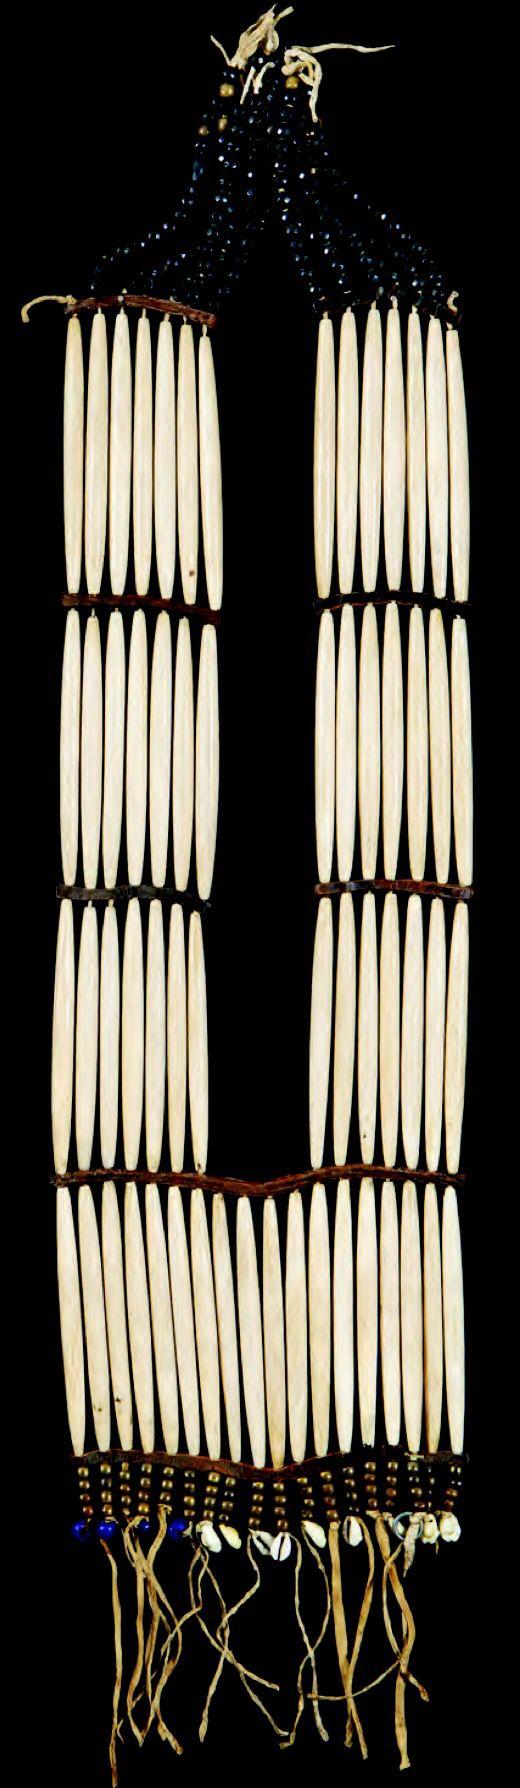 Нагрудное ожерелье, Лакота 19 век. Размеры: 26х7 дюймов. Sherwoods Spirit of America, лето 2015.